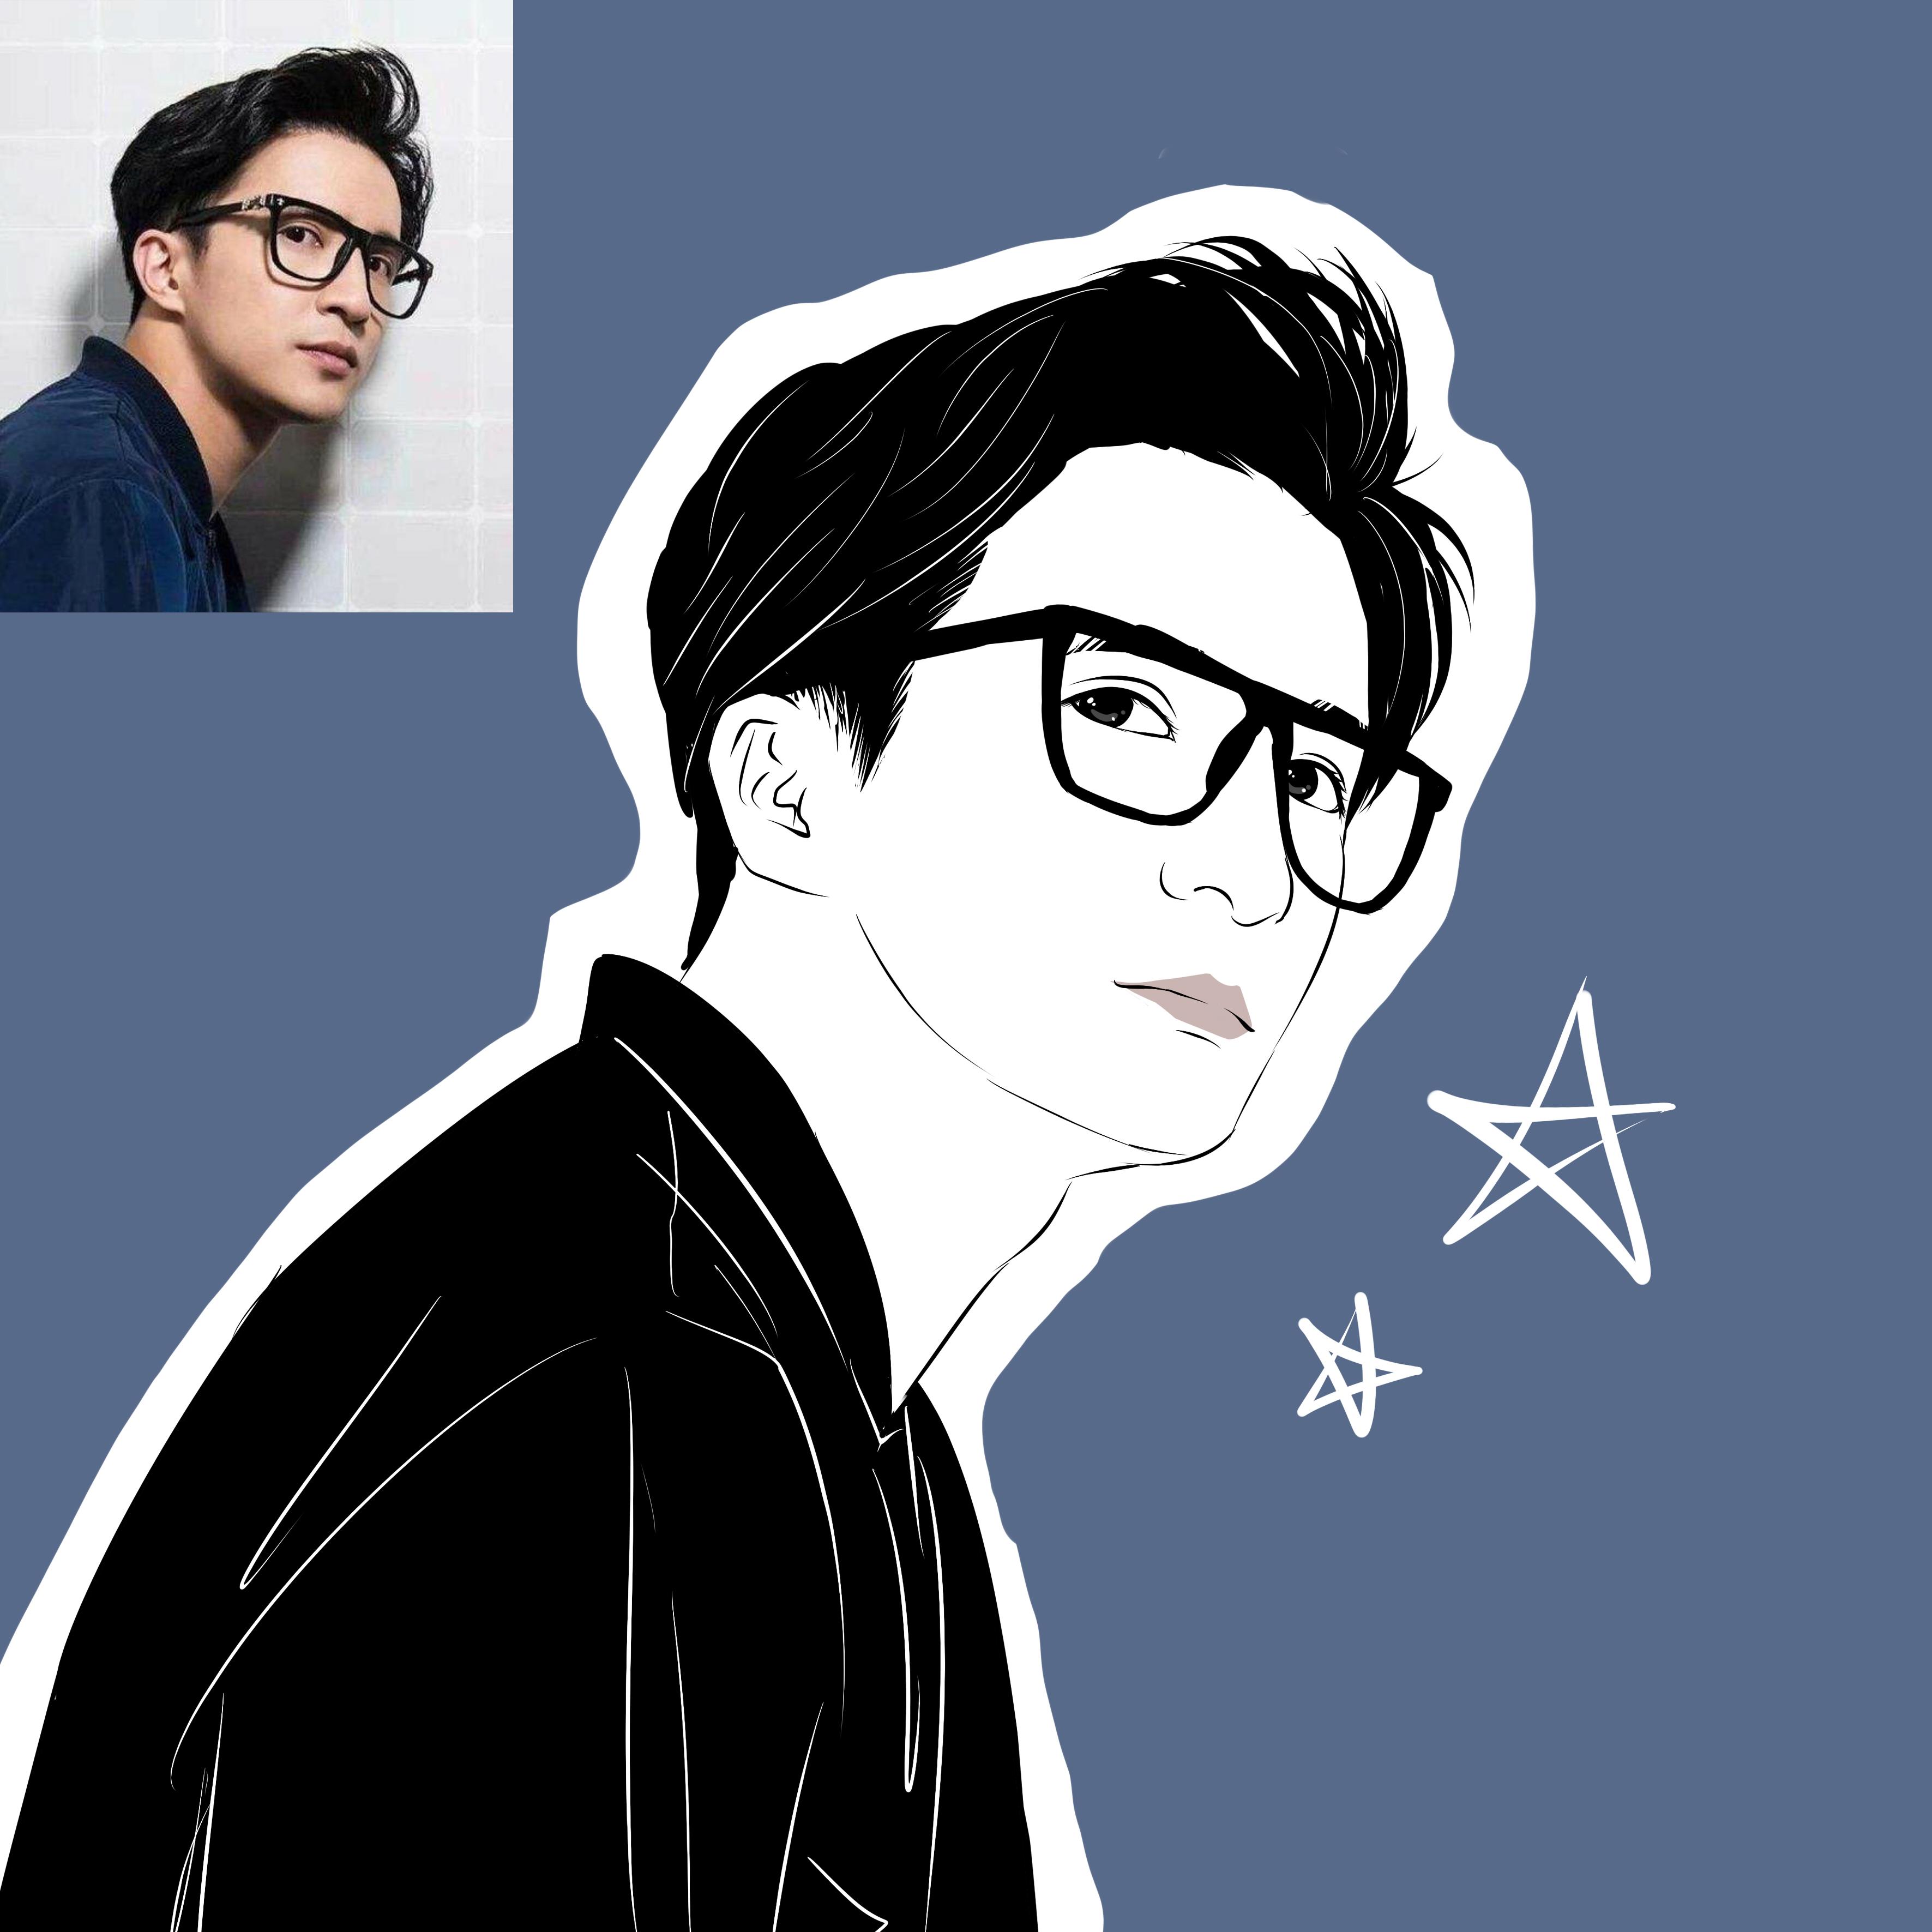 黑白写实漫画头像设计照片转手绘卡通人物肖像定制线图线稿